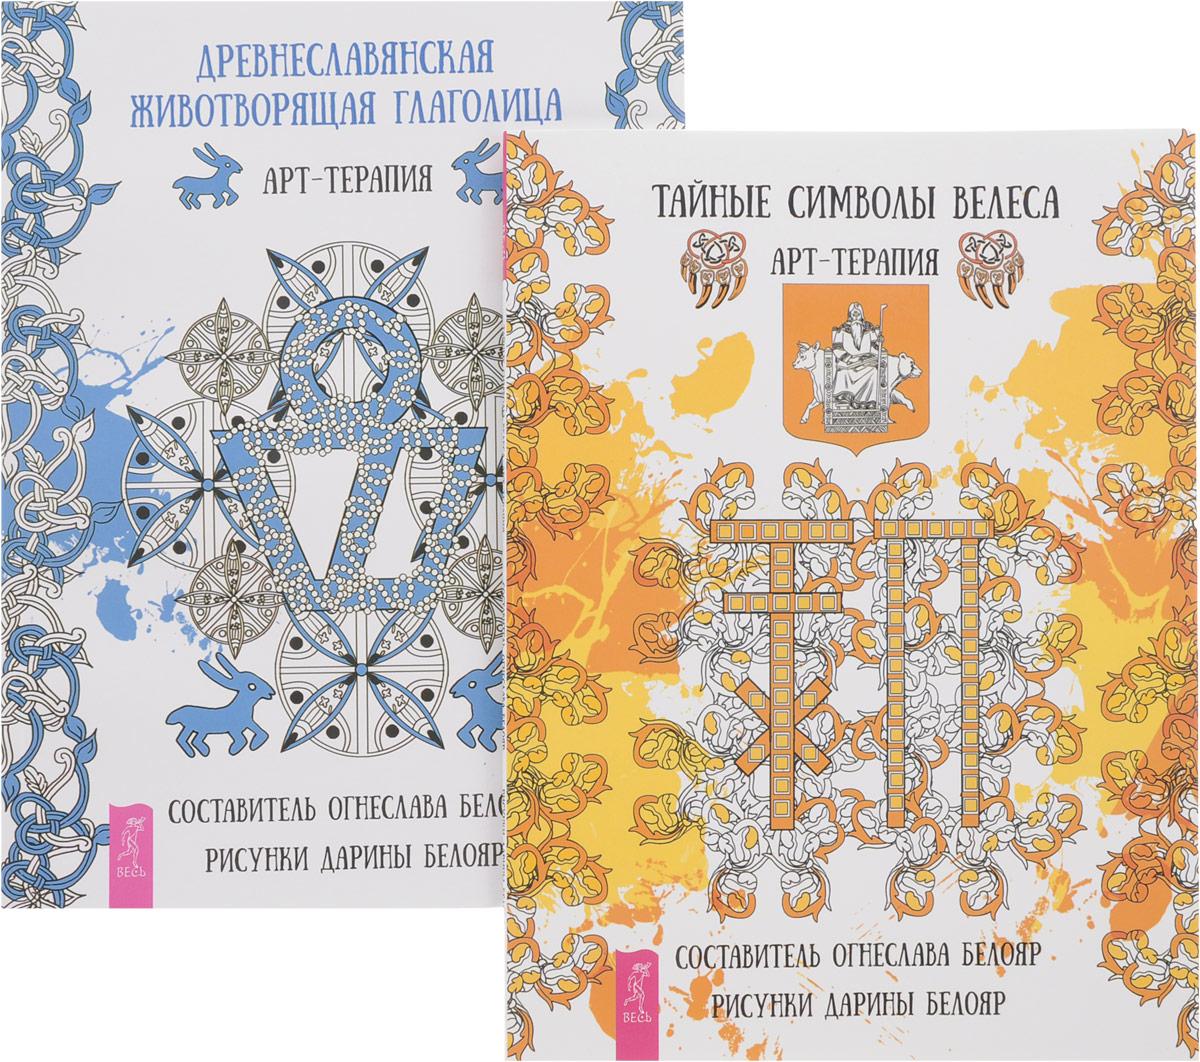 9785944394781 - Тайные символы Велеса. Древнеславянская животворящая глаголица (комплект из 2 книг) - Книга